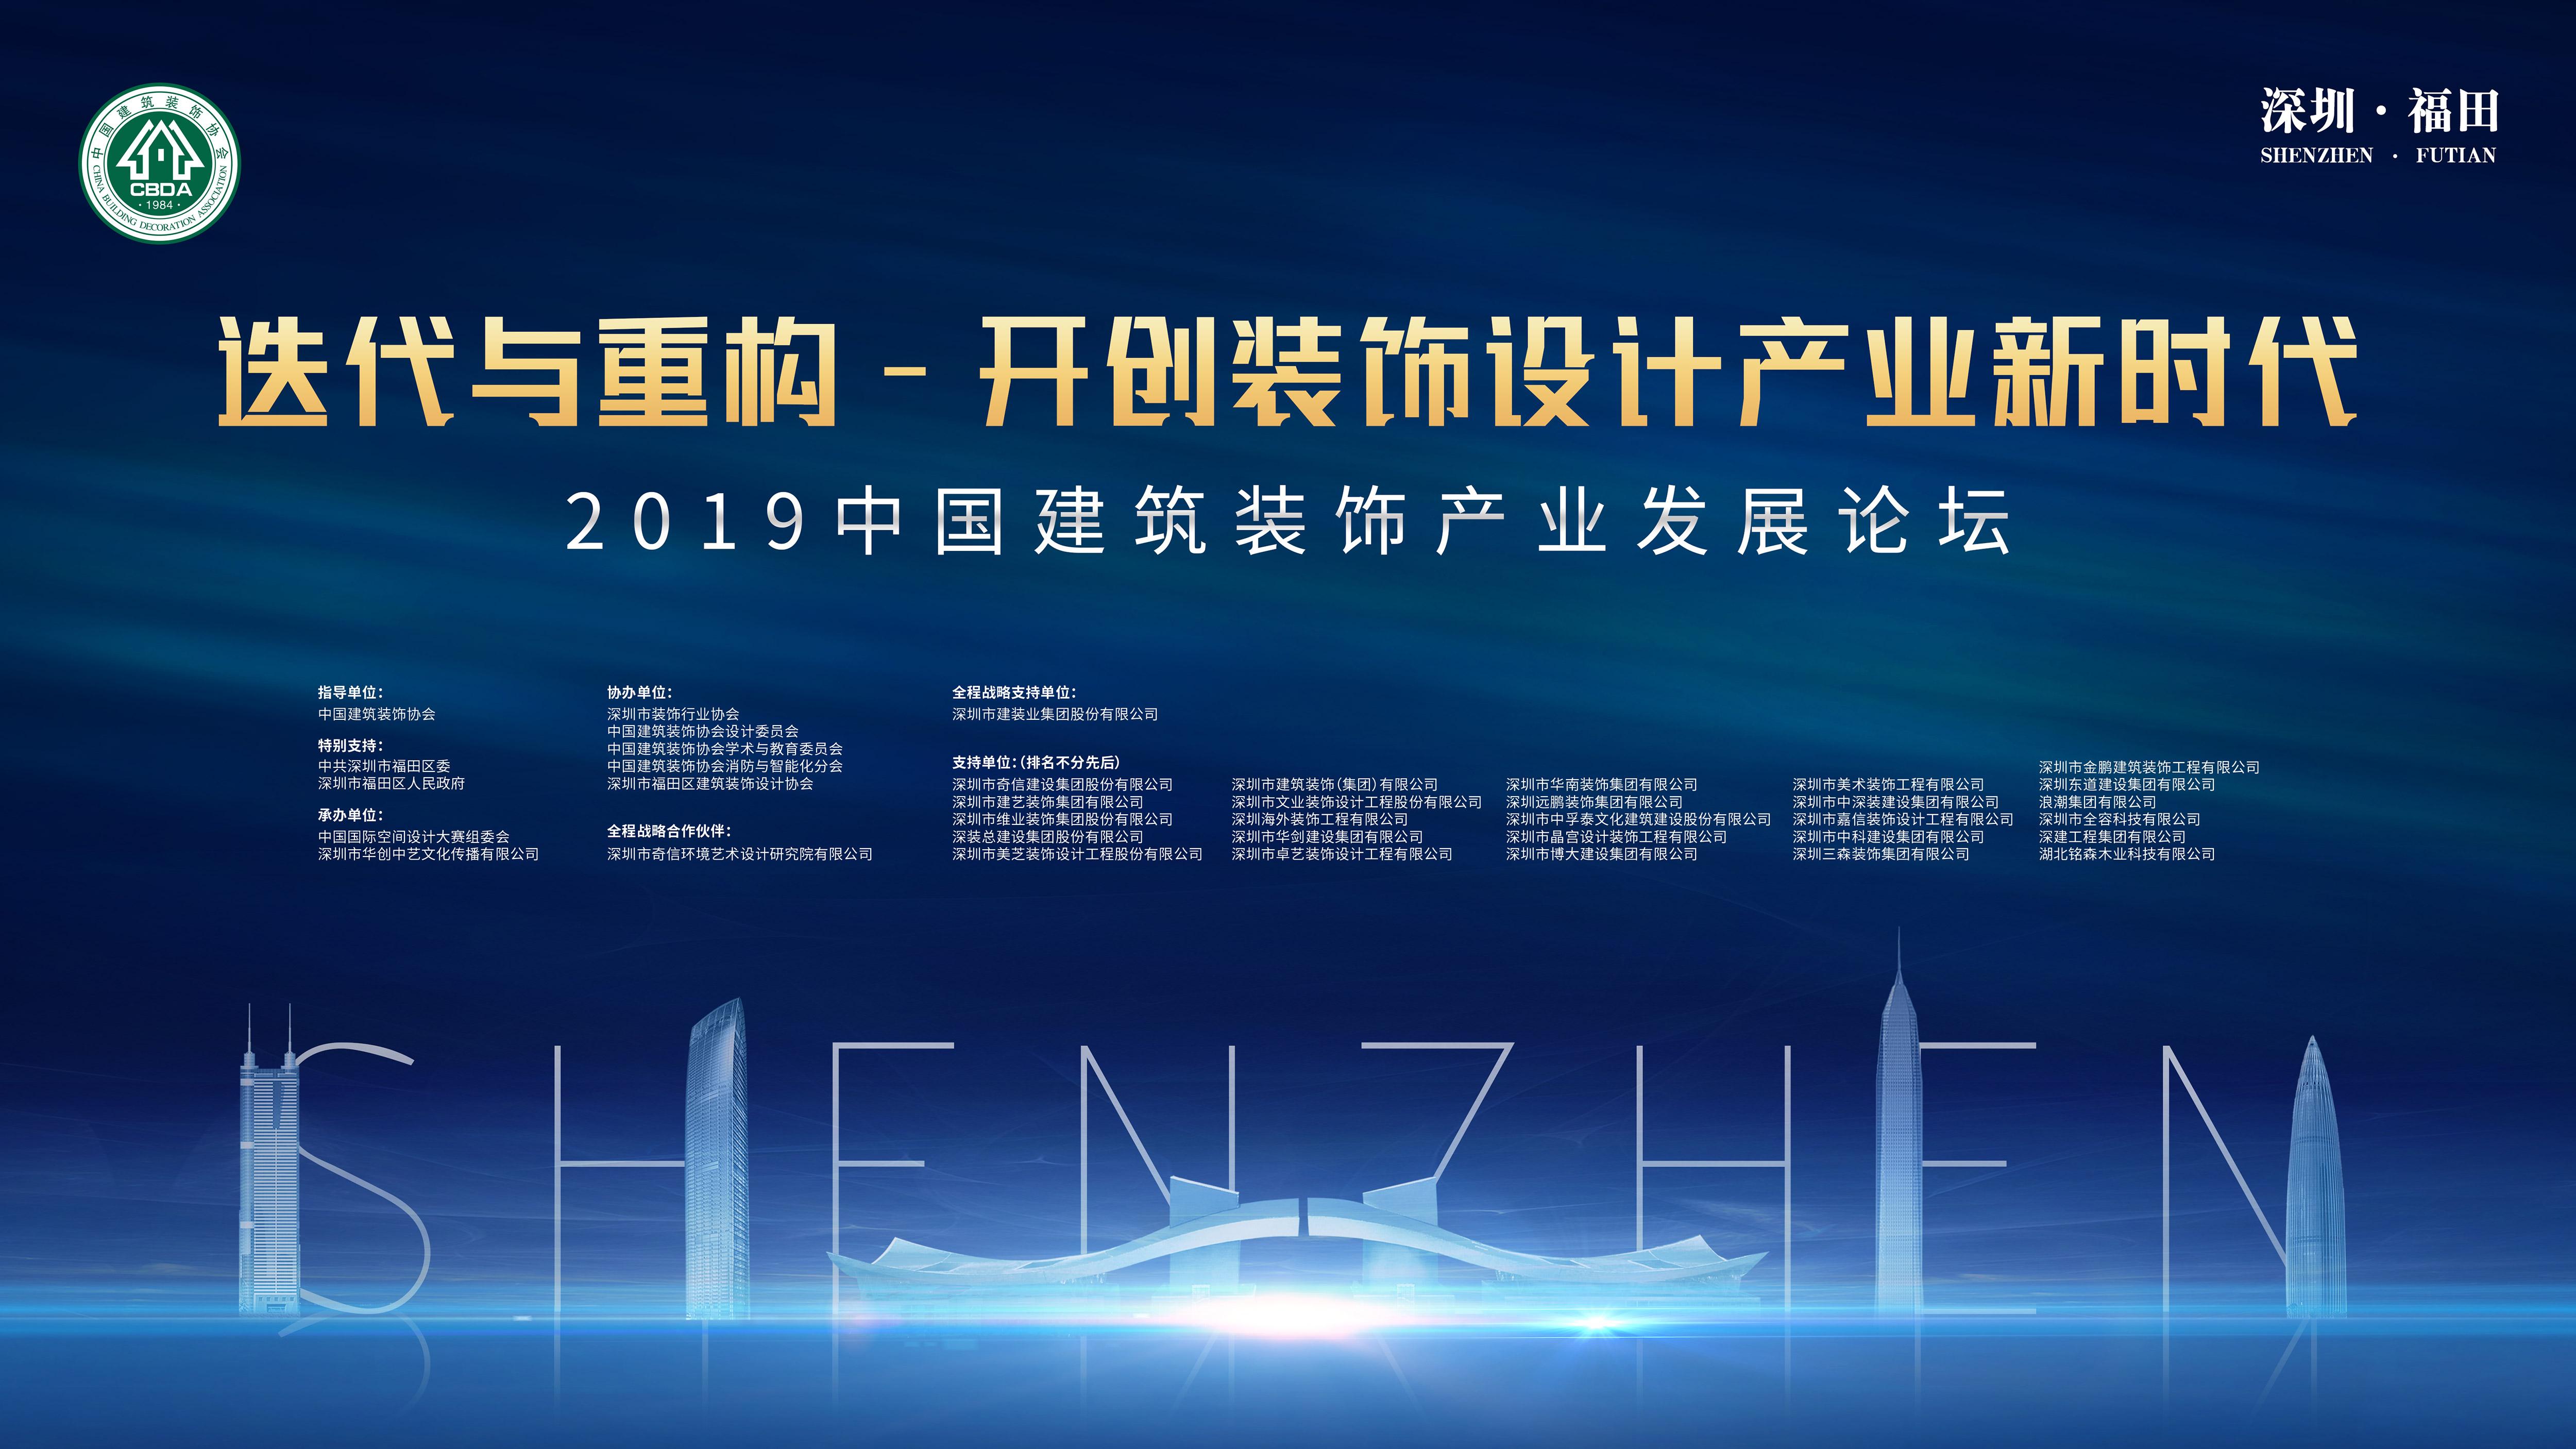 视频直播丨迭代与重构——开创装饰设计产业新时代 2019中国建筑装饰产业发展论坛